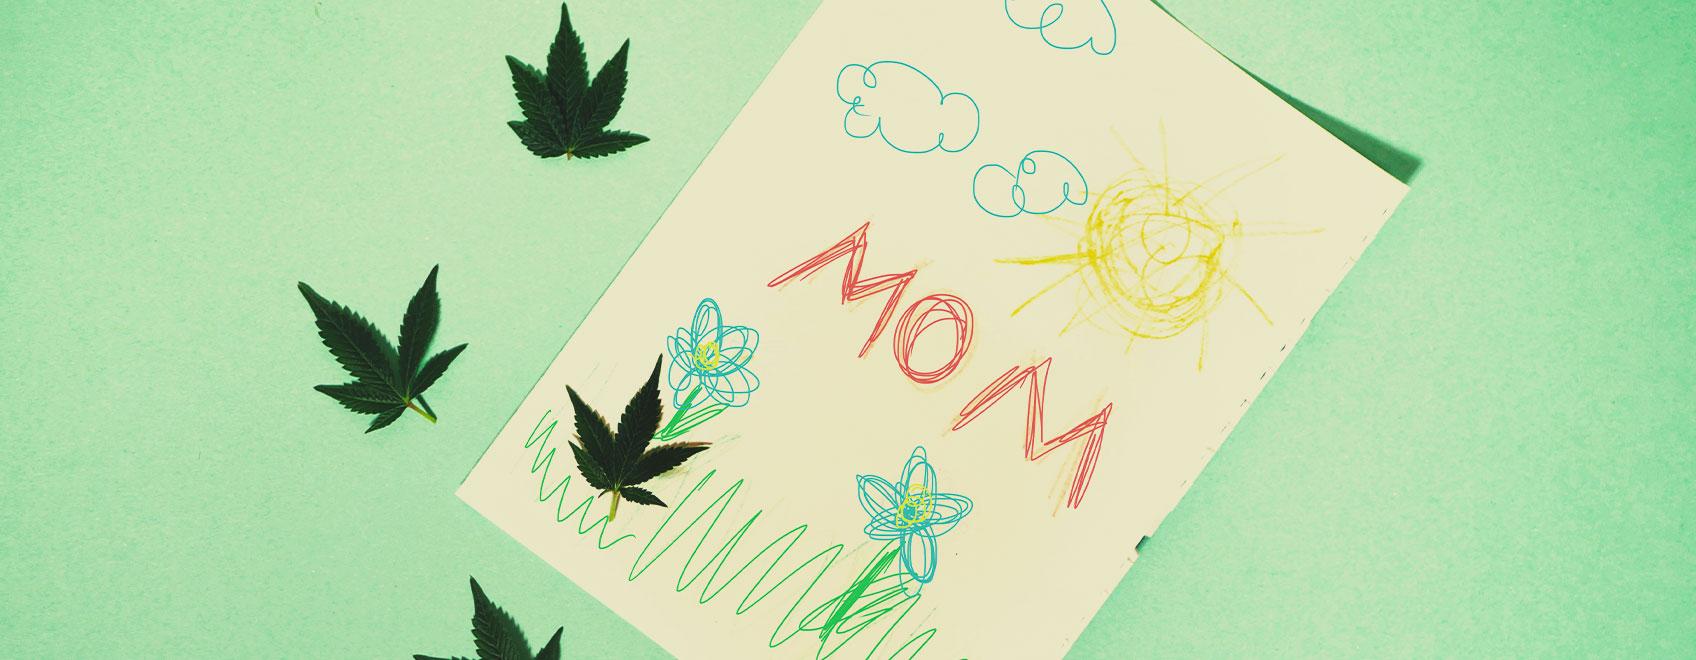 ¿Cuál es la información más valiosa sobre el cannabis que nuestros hijos deberían aprender de nosotros?